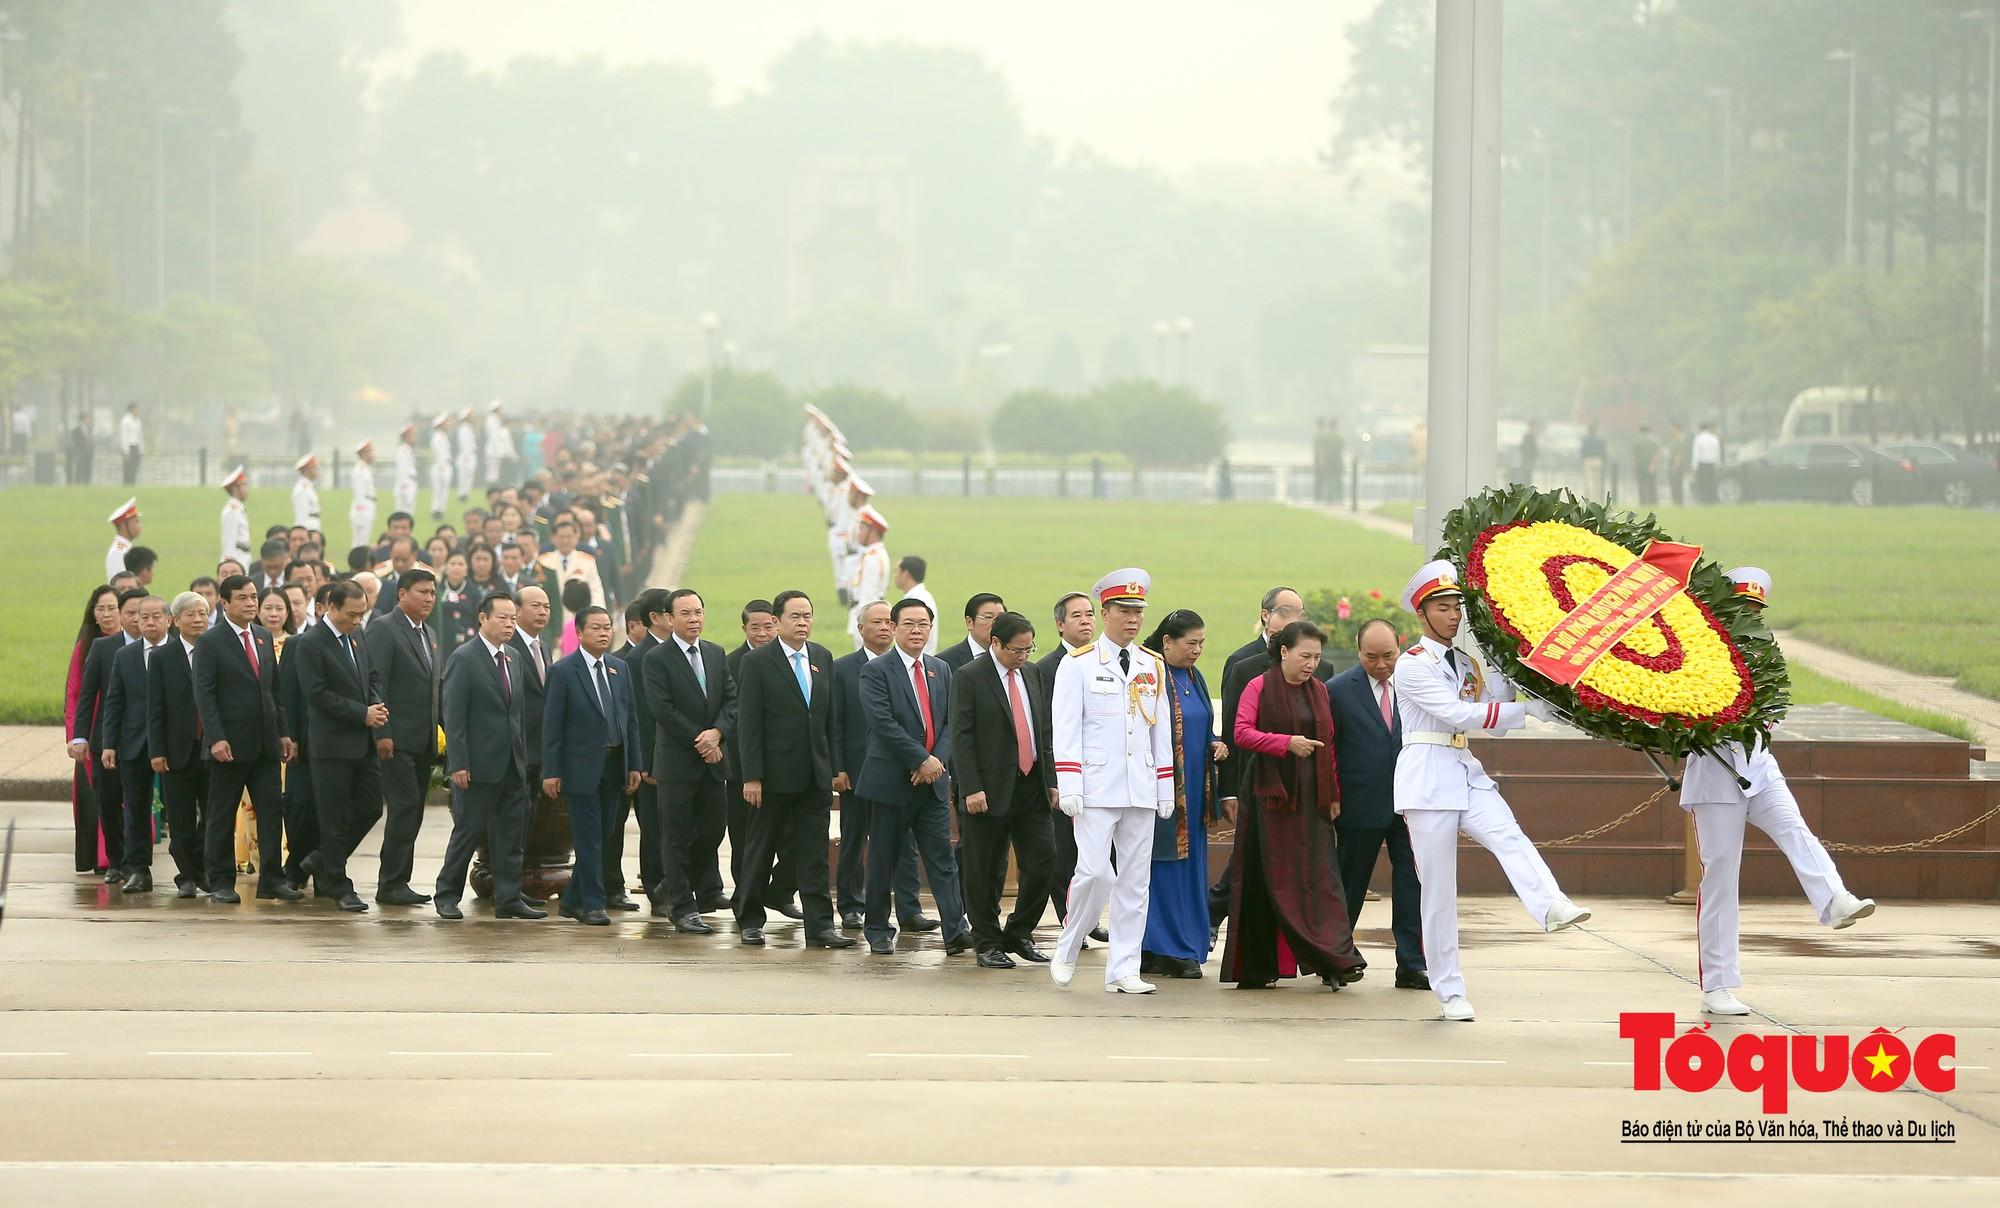 Đại biểu QH viếng Chủ tịch Hồ Chí Minh ngày khai mạc kỳ họp thứ 82